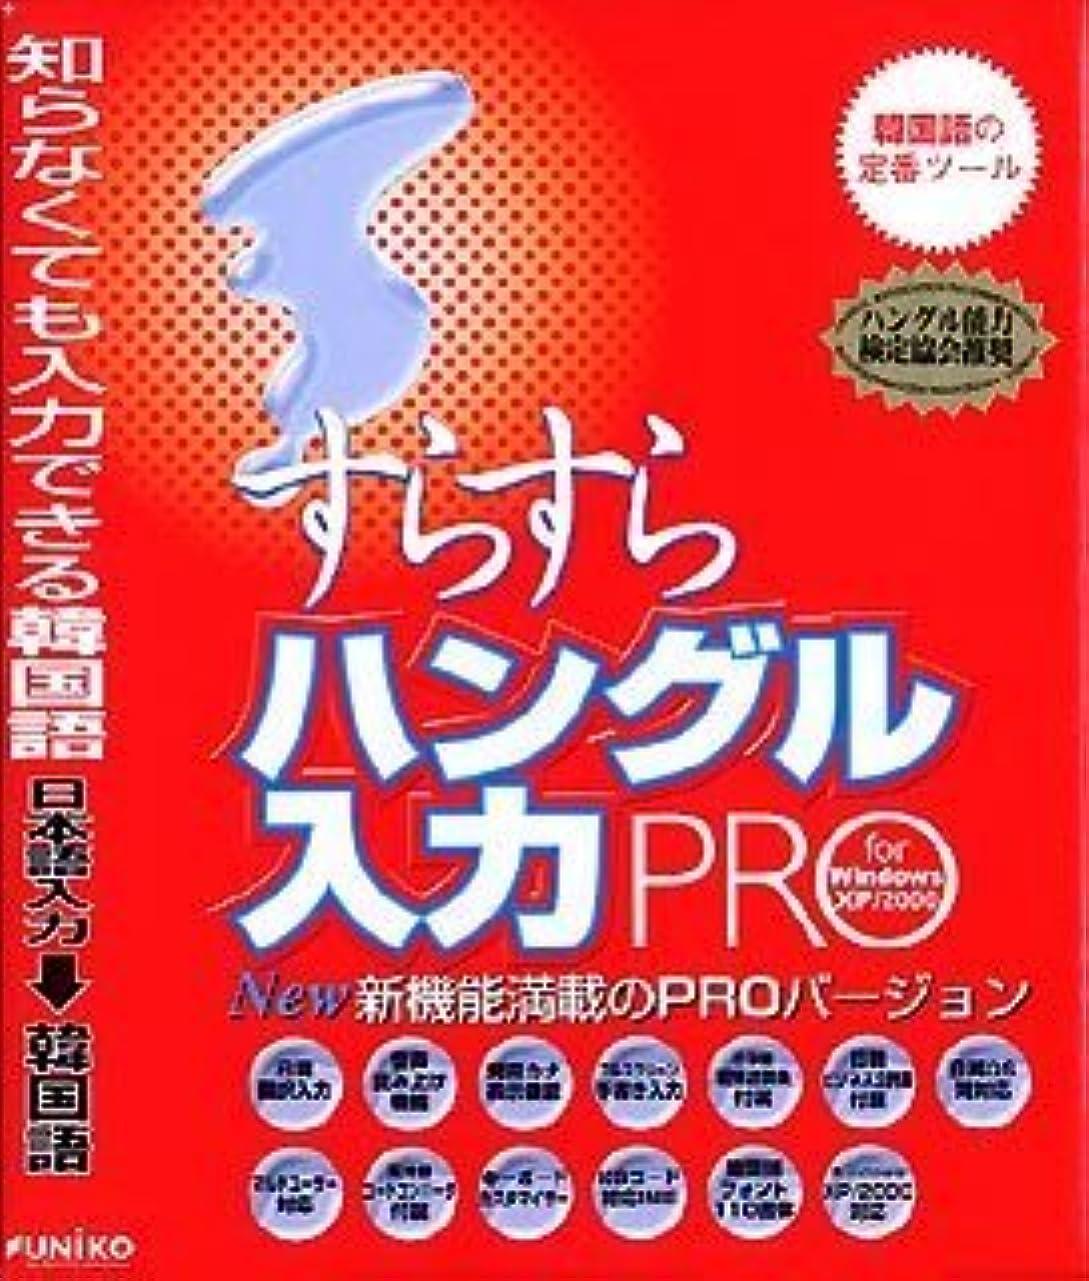 登場子豚権威すらすらハングル入力 PRO for Windows XP/2000